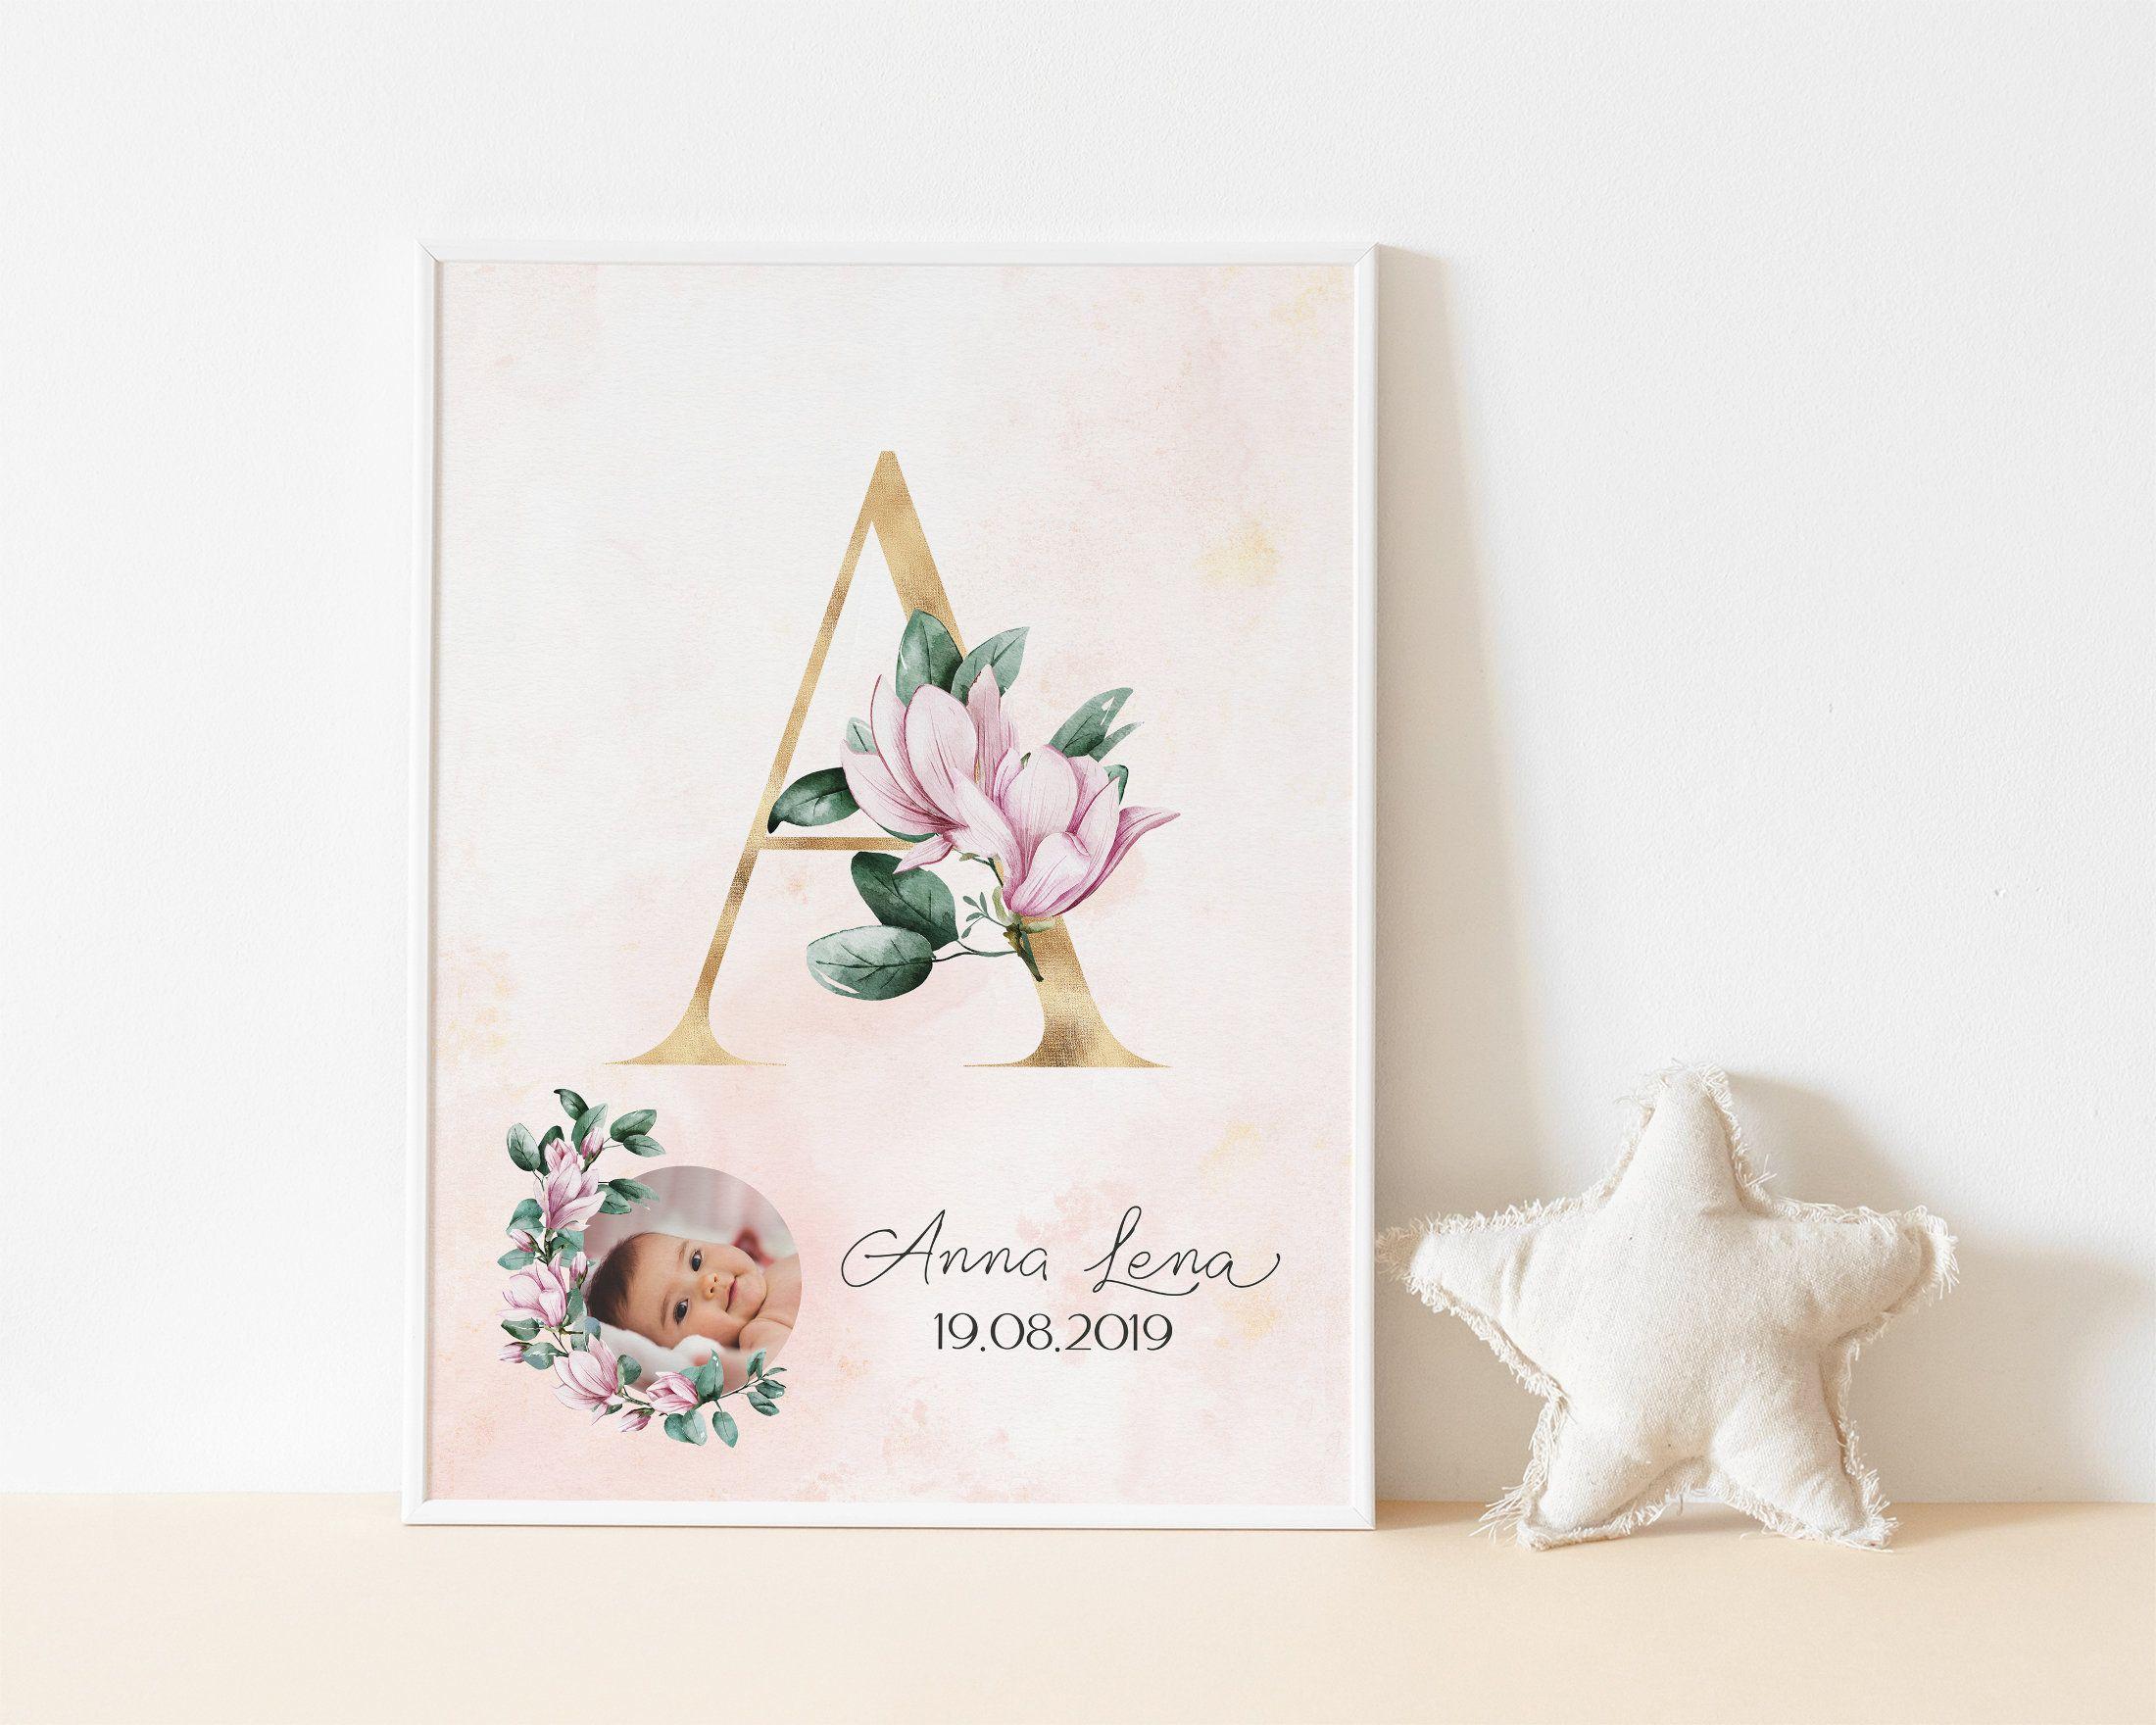 Baby Geburtsposter DIN A4 Poster Geschenk Geburt Meilensteinkarten Baby Mädchen